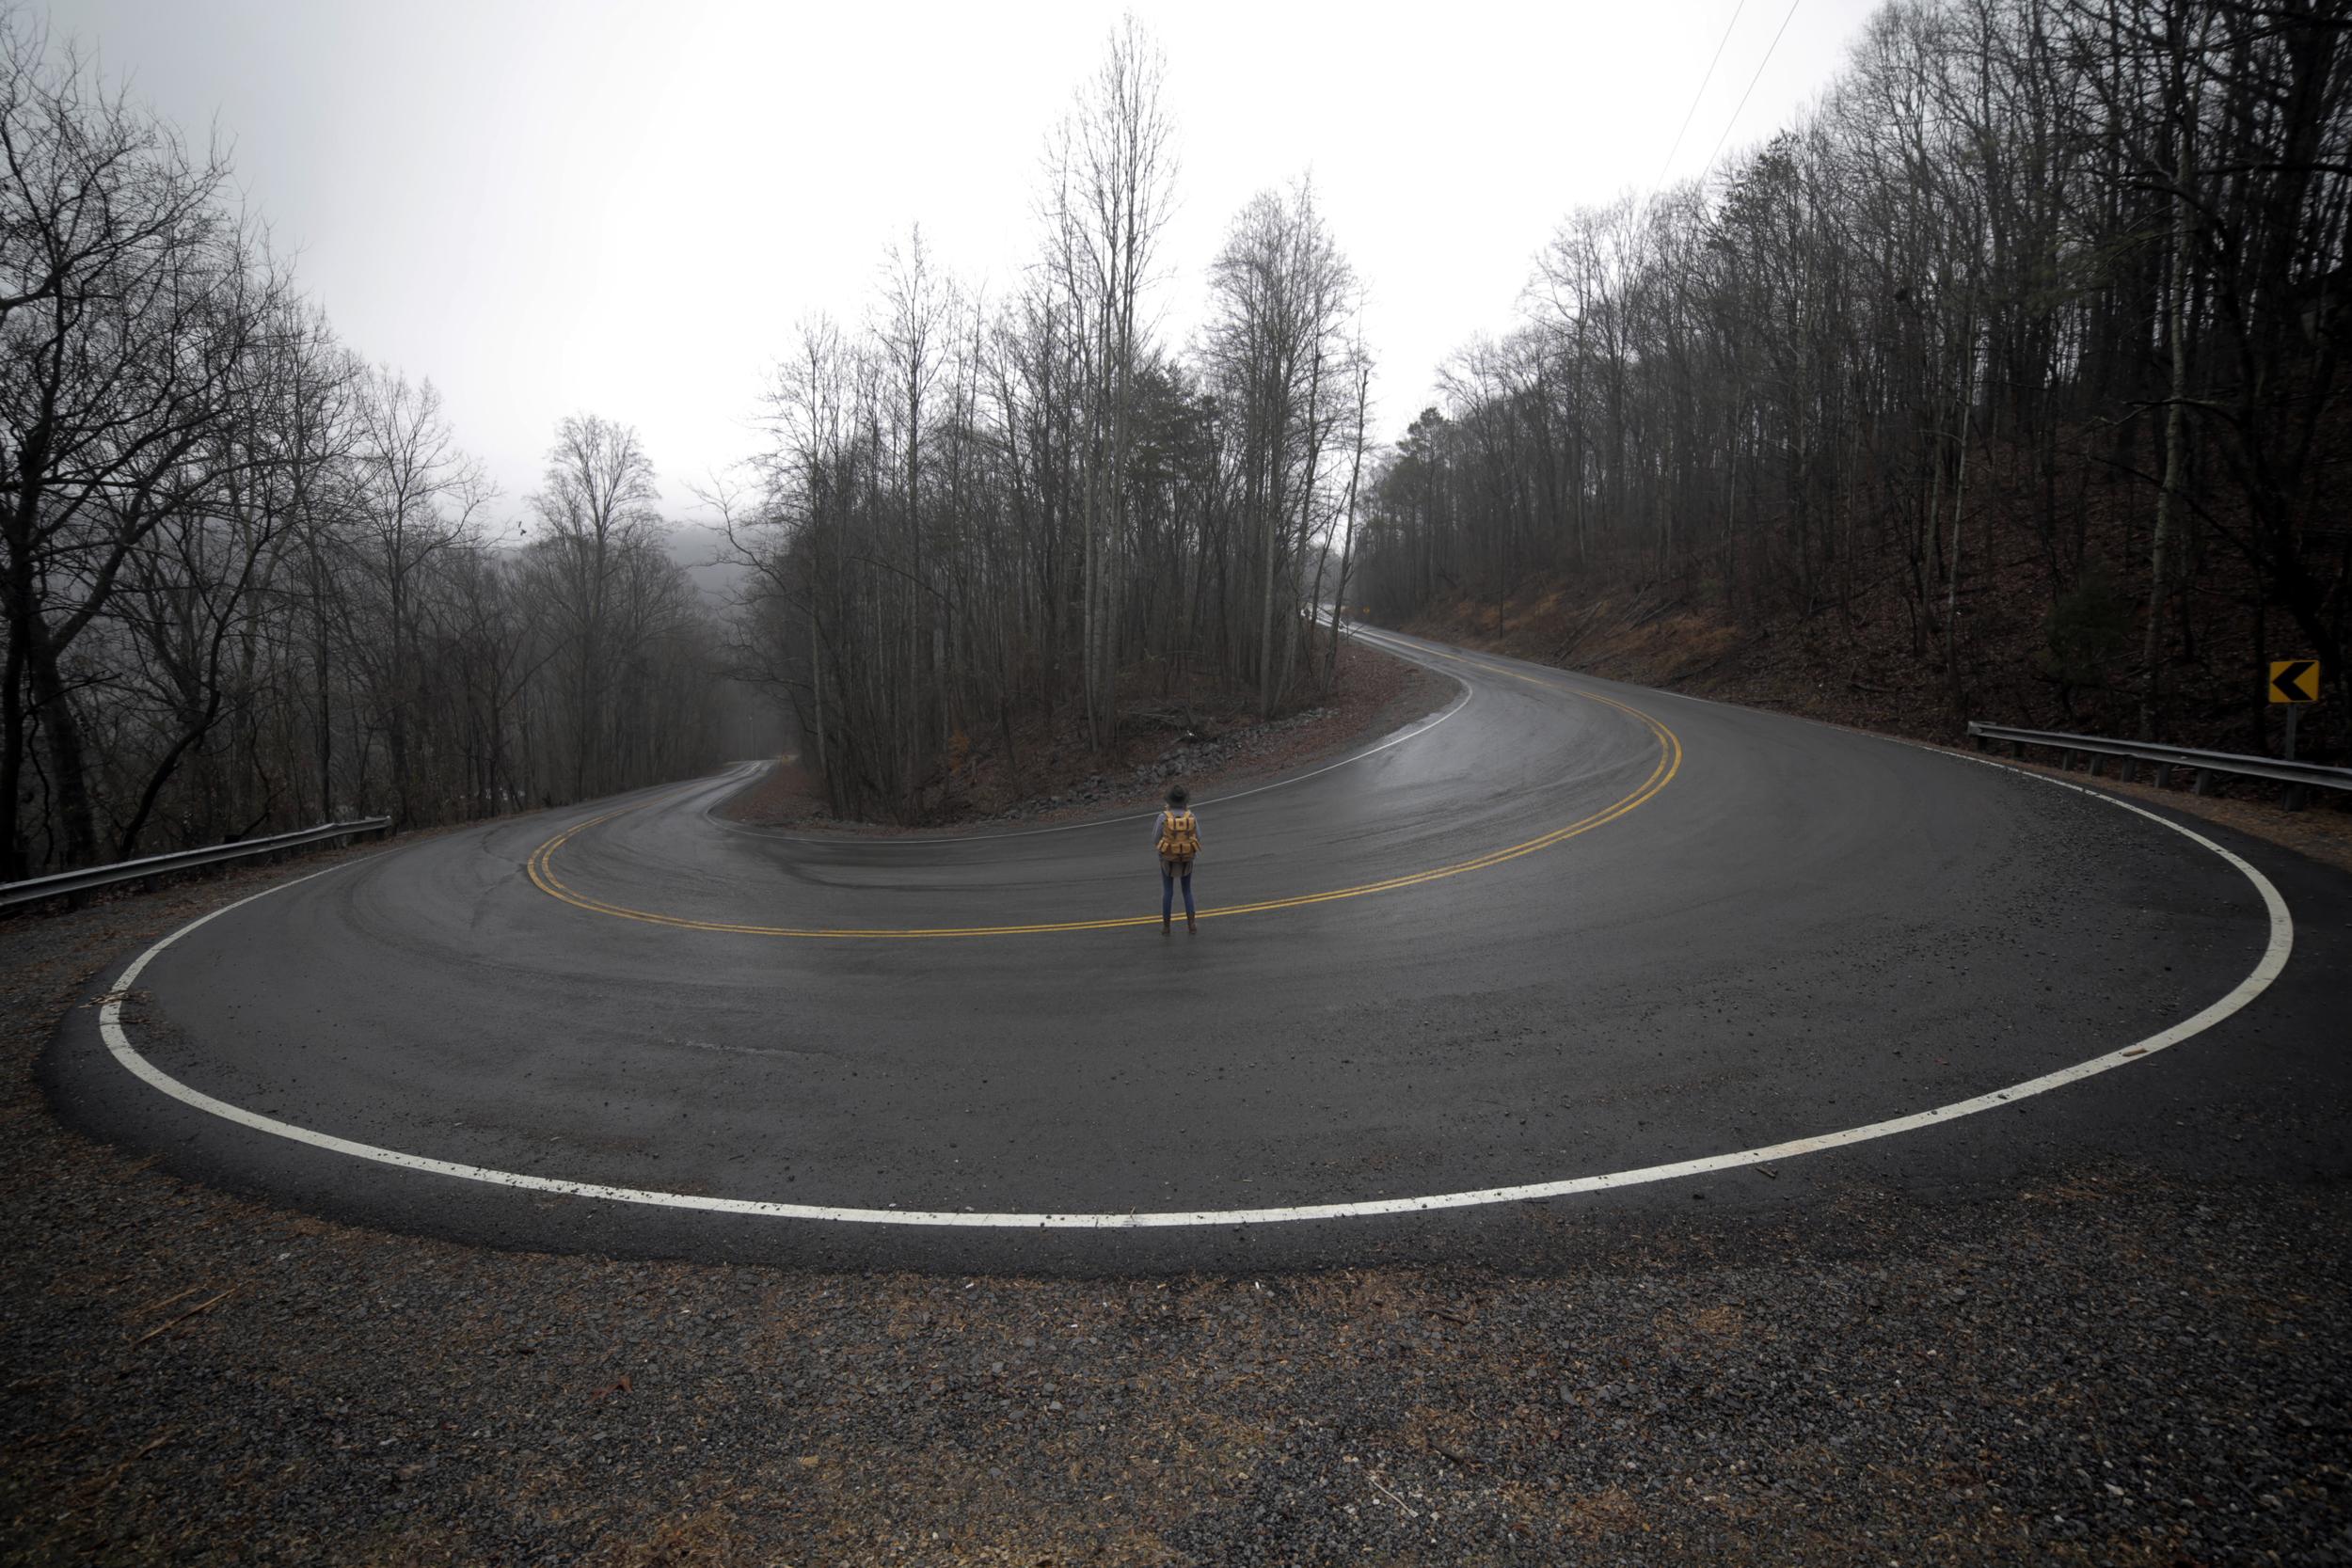 winding road case.jpg